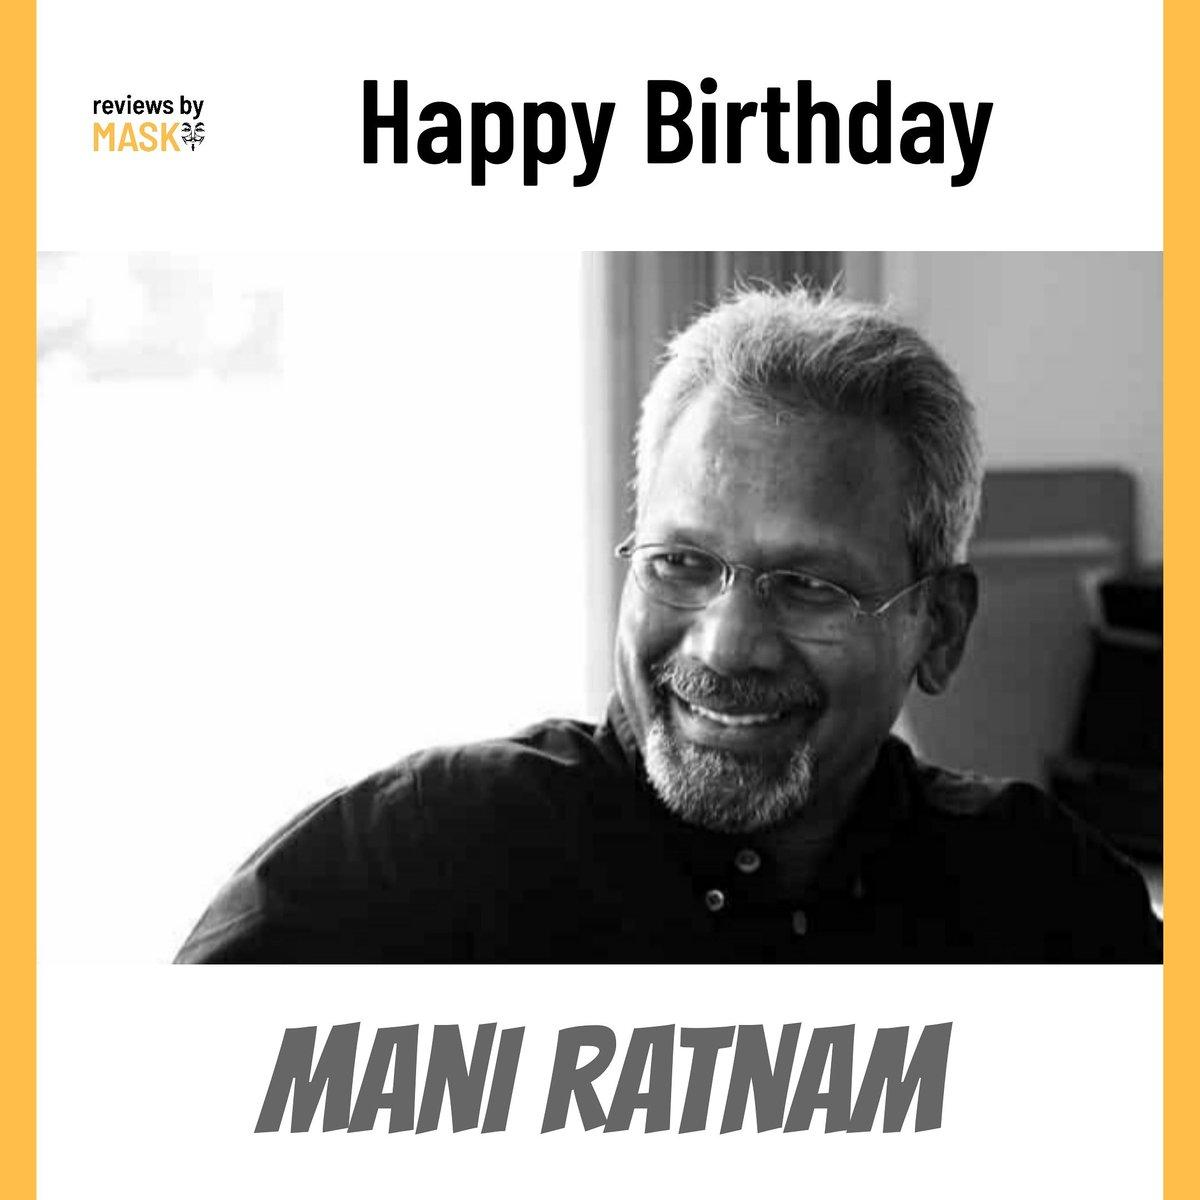 Happy B'day Mani Ratnam#hbdmaniratnam #happybirthdaymaniratnam #maniratnam #iruvar #tamil #kochi #malayalamactress #mammootty #keralagram #malluwood #malayalamtypography #malayalammovies #malayalamfilm #nivinpauly #malayalamsongs #malayalamquotes #keralagodsowncountry #dqpic.twitter.com/JF1sOIrNAg